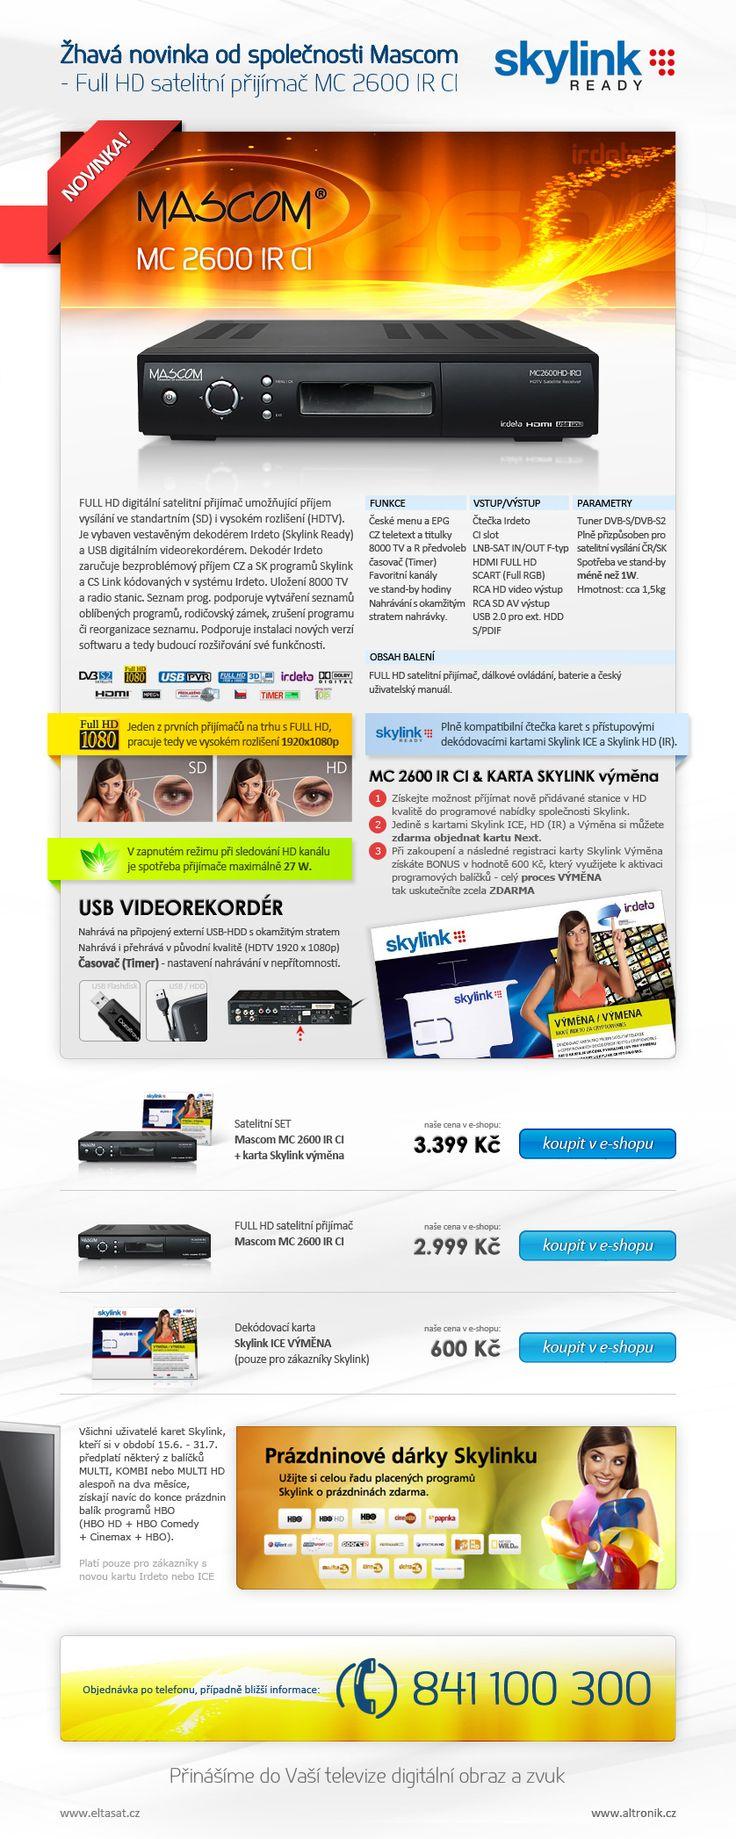 Mascom MC 2600